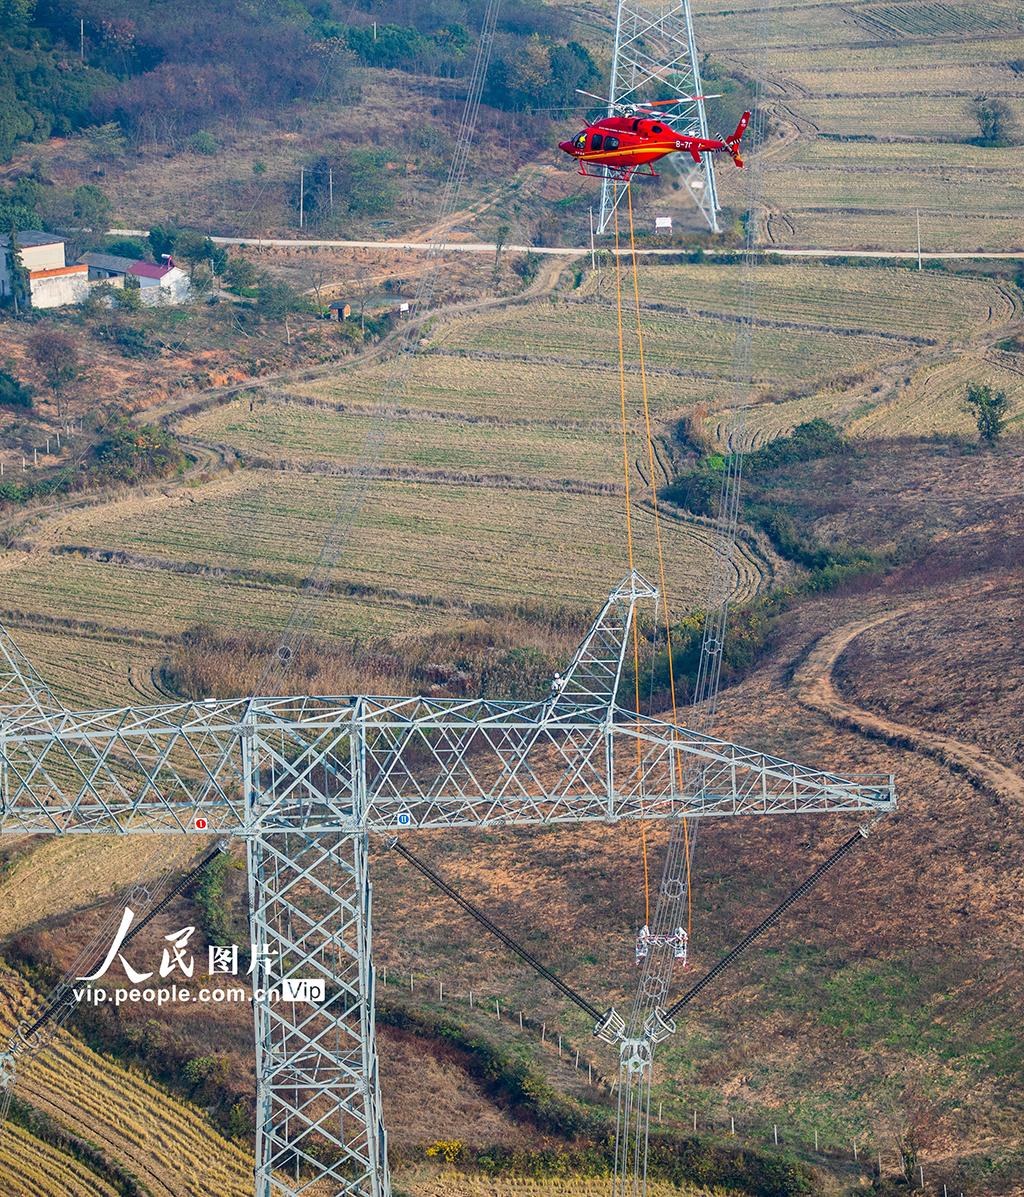 世界首次最高电压等级特高压线路上直升机带电检修任务完成【3】